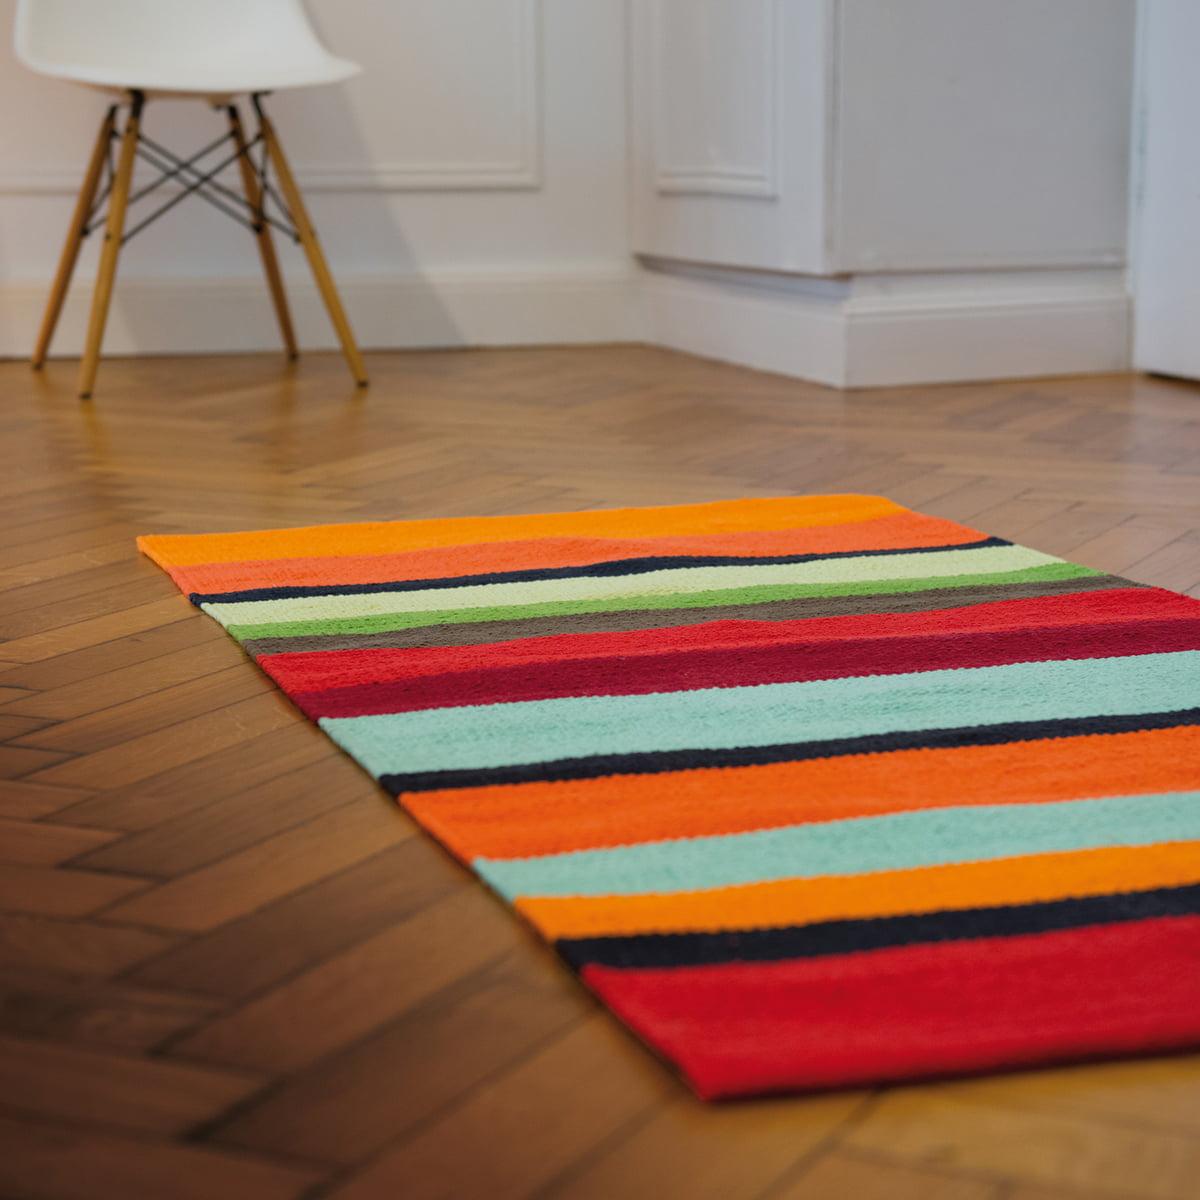 Teppichläufer  Teppichläufer von Remember im Shop kaufen